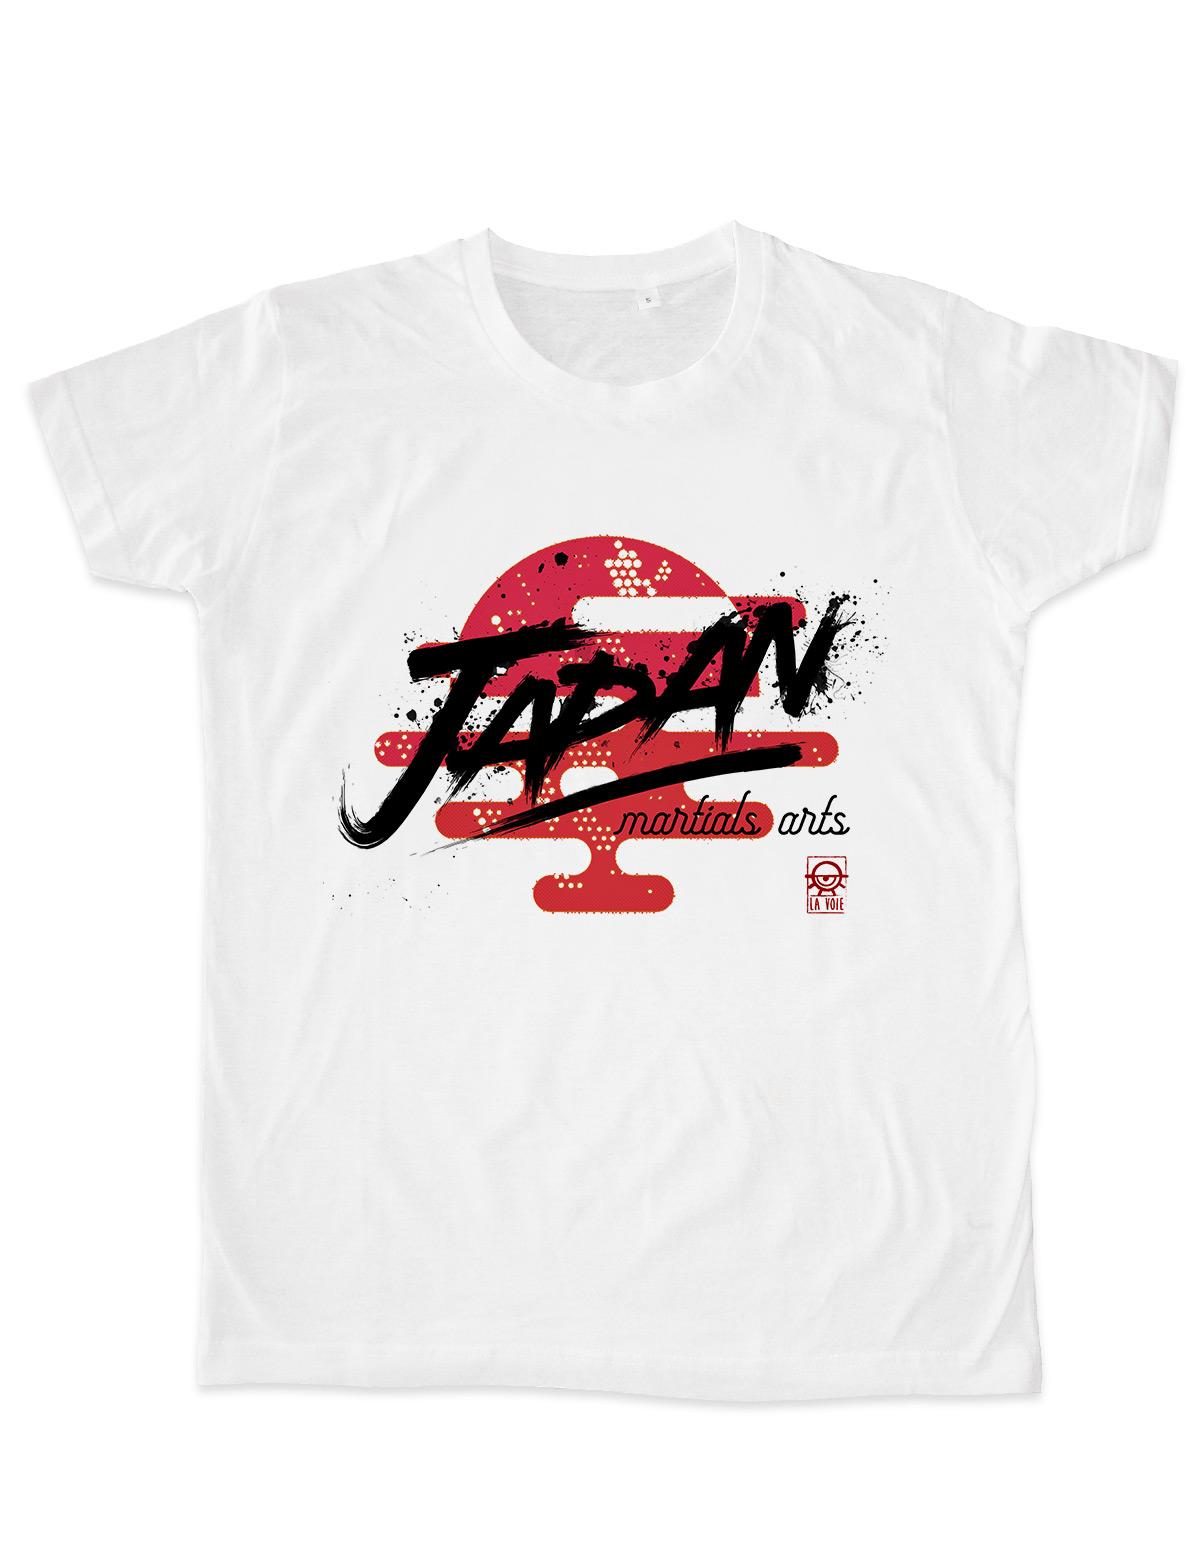 T shirt homme blanc coupe cintrée Japan martials arts